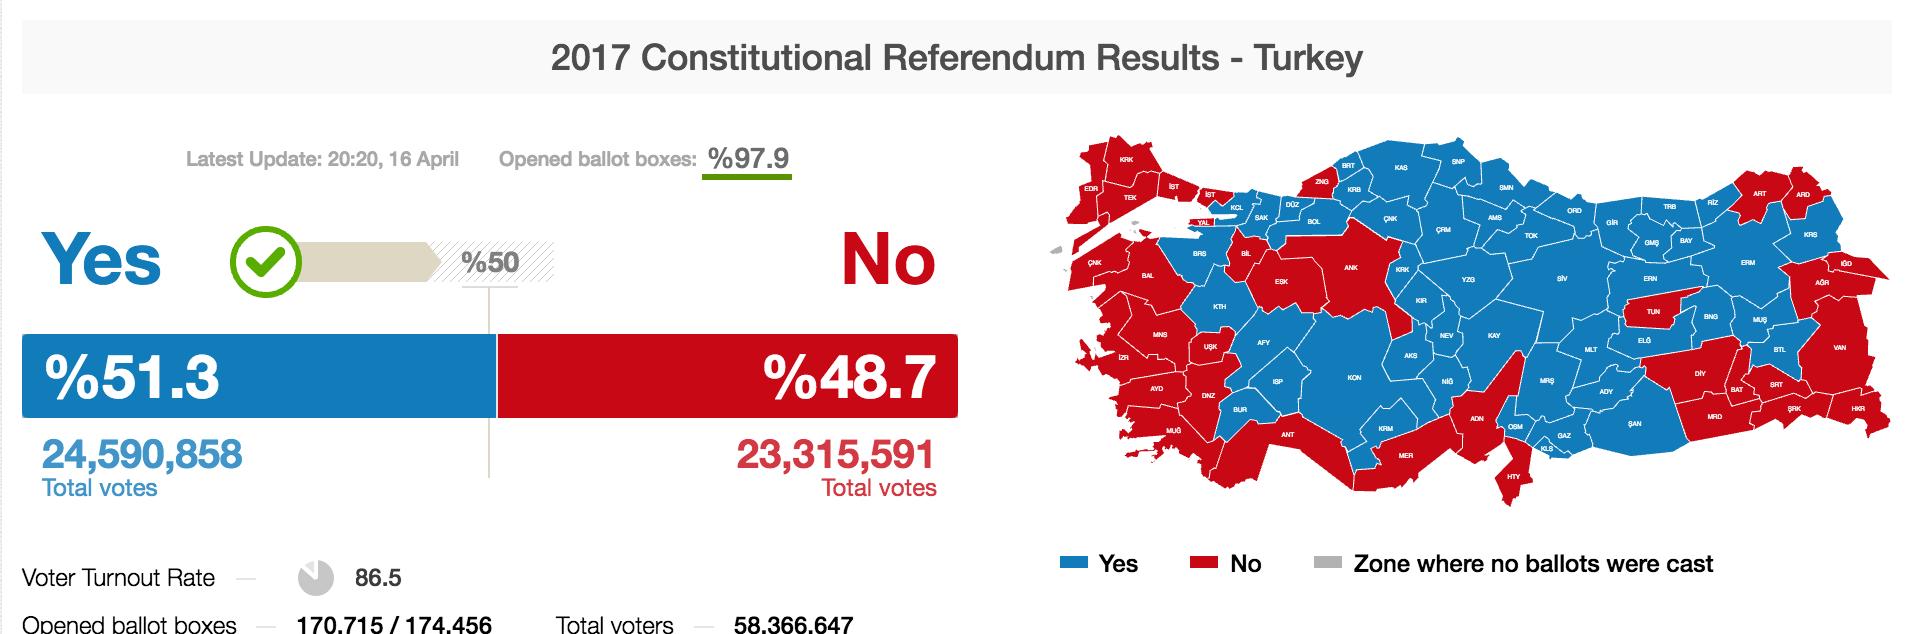 رسم بياني لنتائج الاستفتاء (يني شفق)